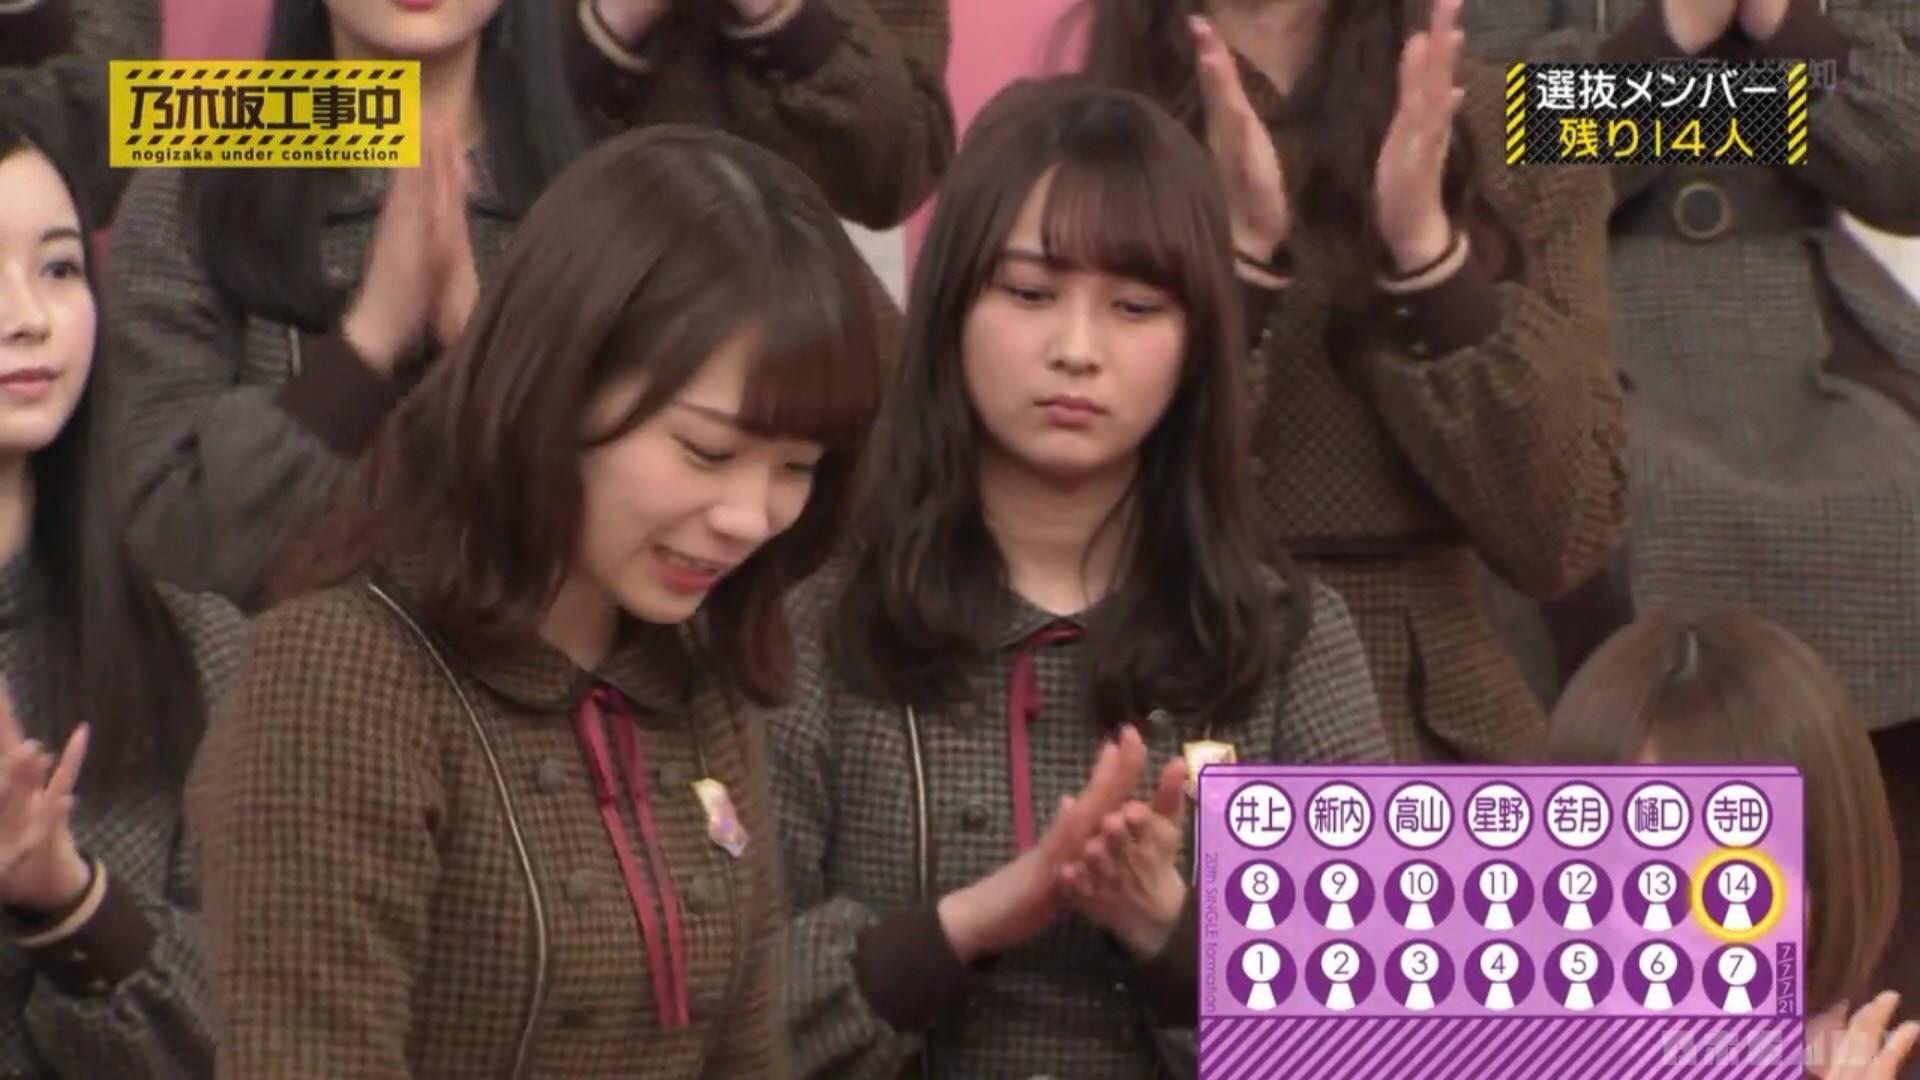 乃木坂工事中 20thシングル選抜発表 鈴木絢音